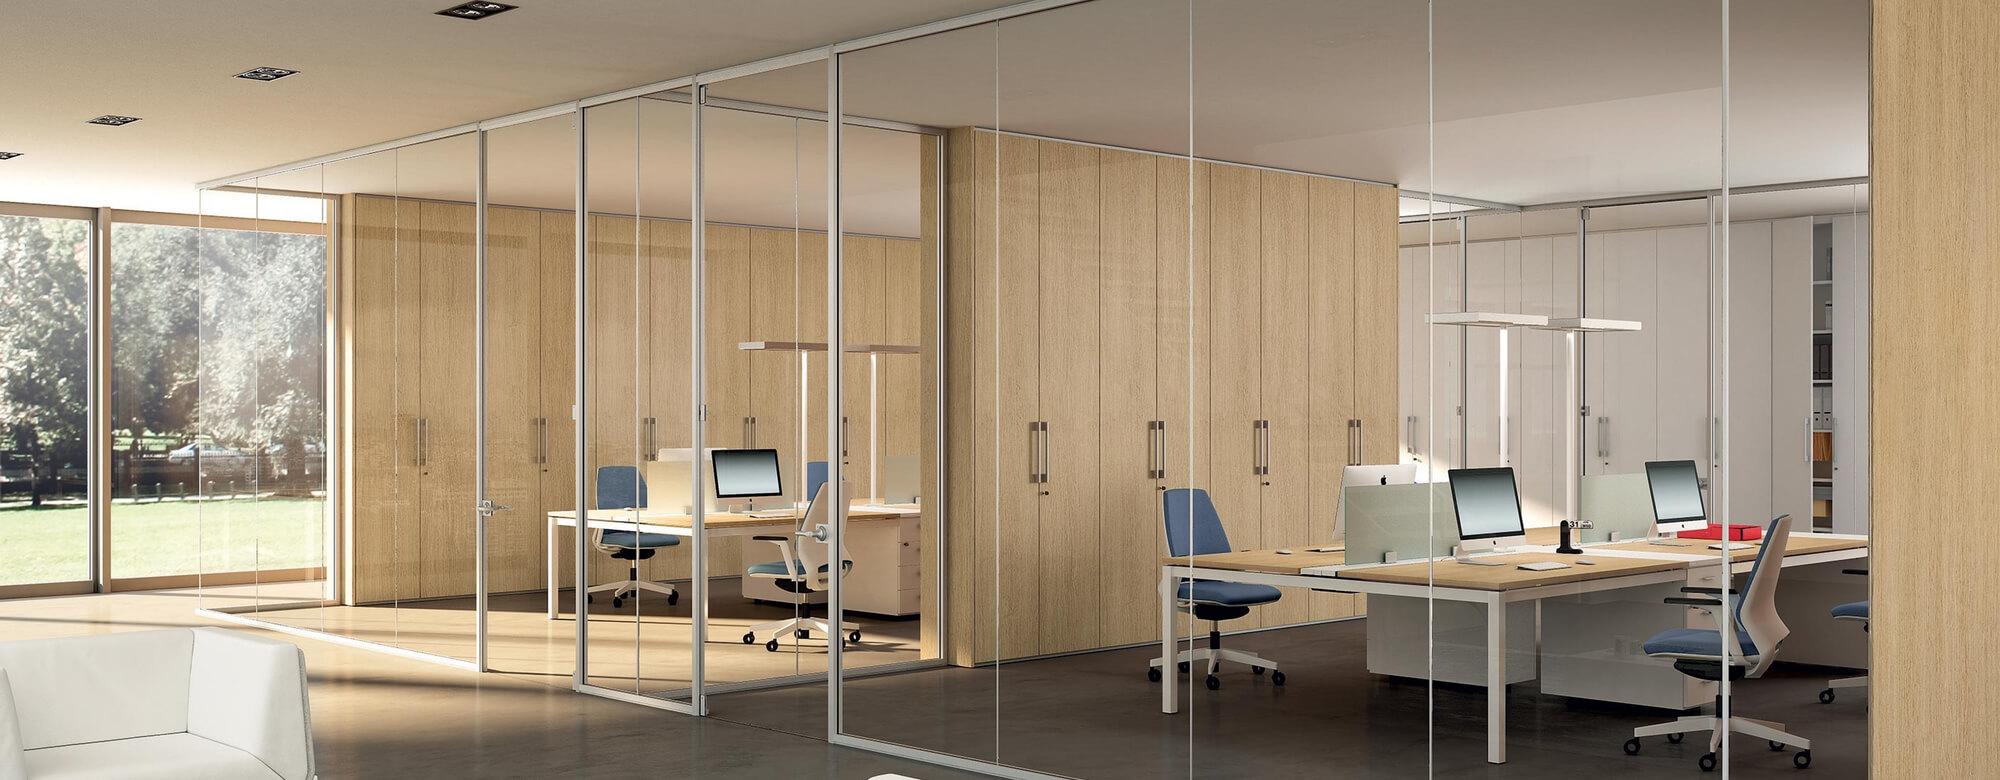 Muebles de oficina mesas de oficina y mobiliario de for Muebles de oficina precios